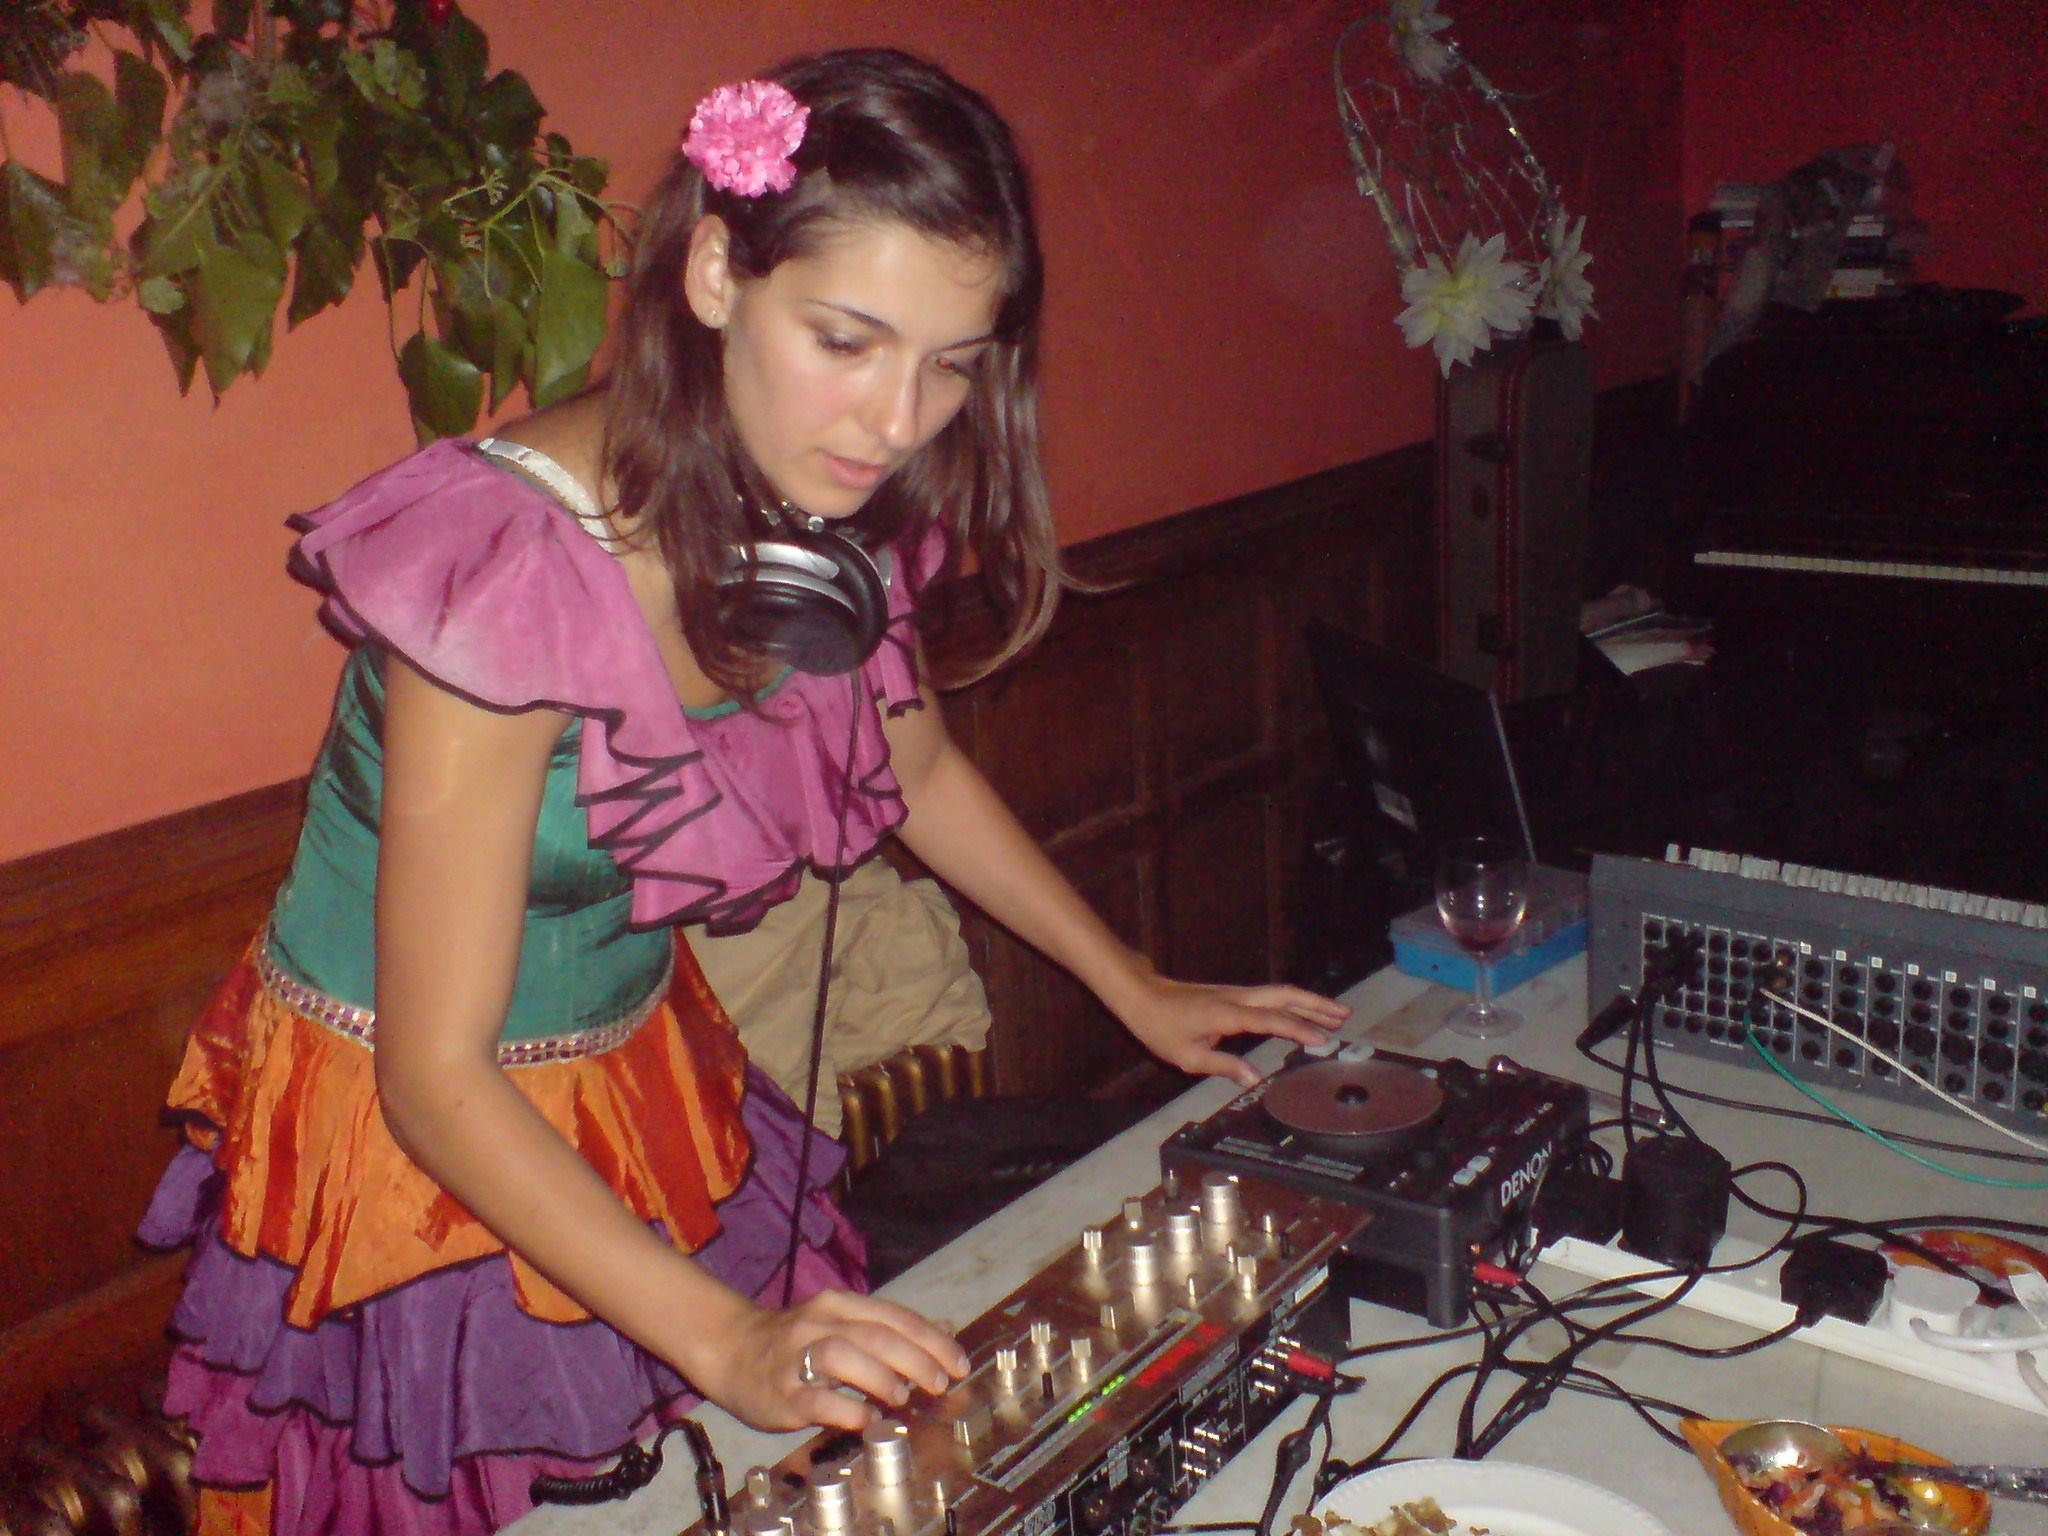 One of my earlier DJ sets - old skool